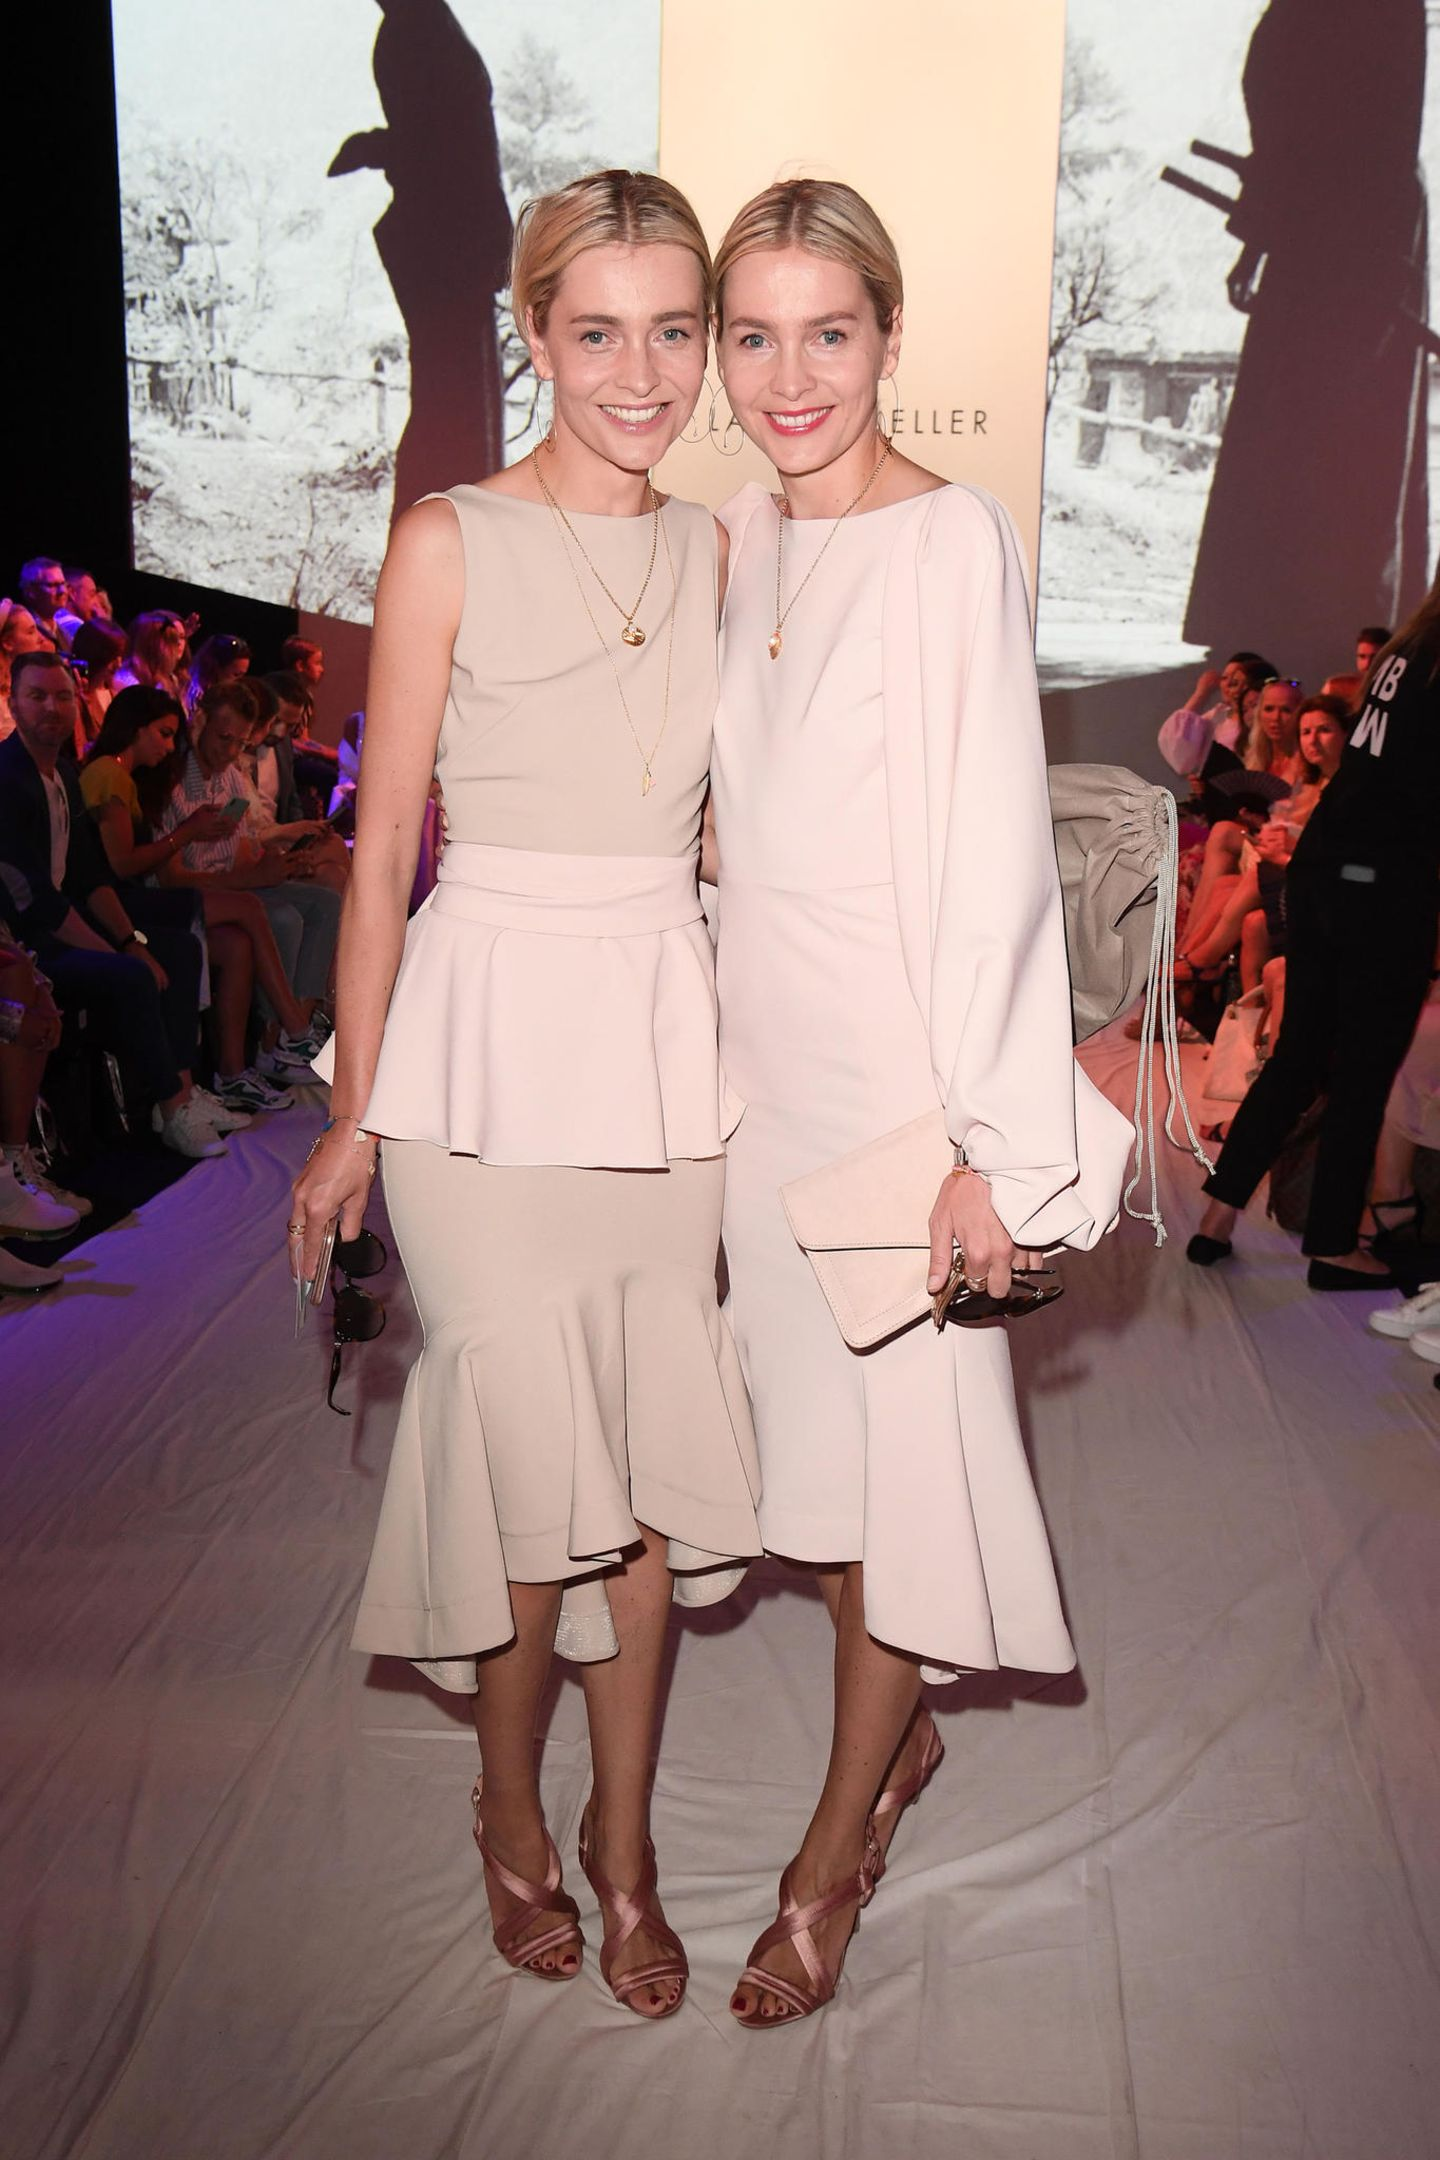 Auch die Model-ZwillingeJulia und Nina Meise wollen die Show von Lana Mueller nicht verpassen.